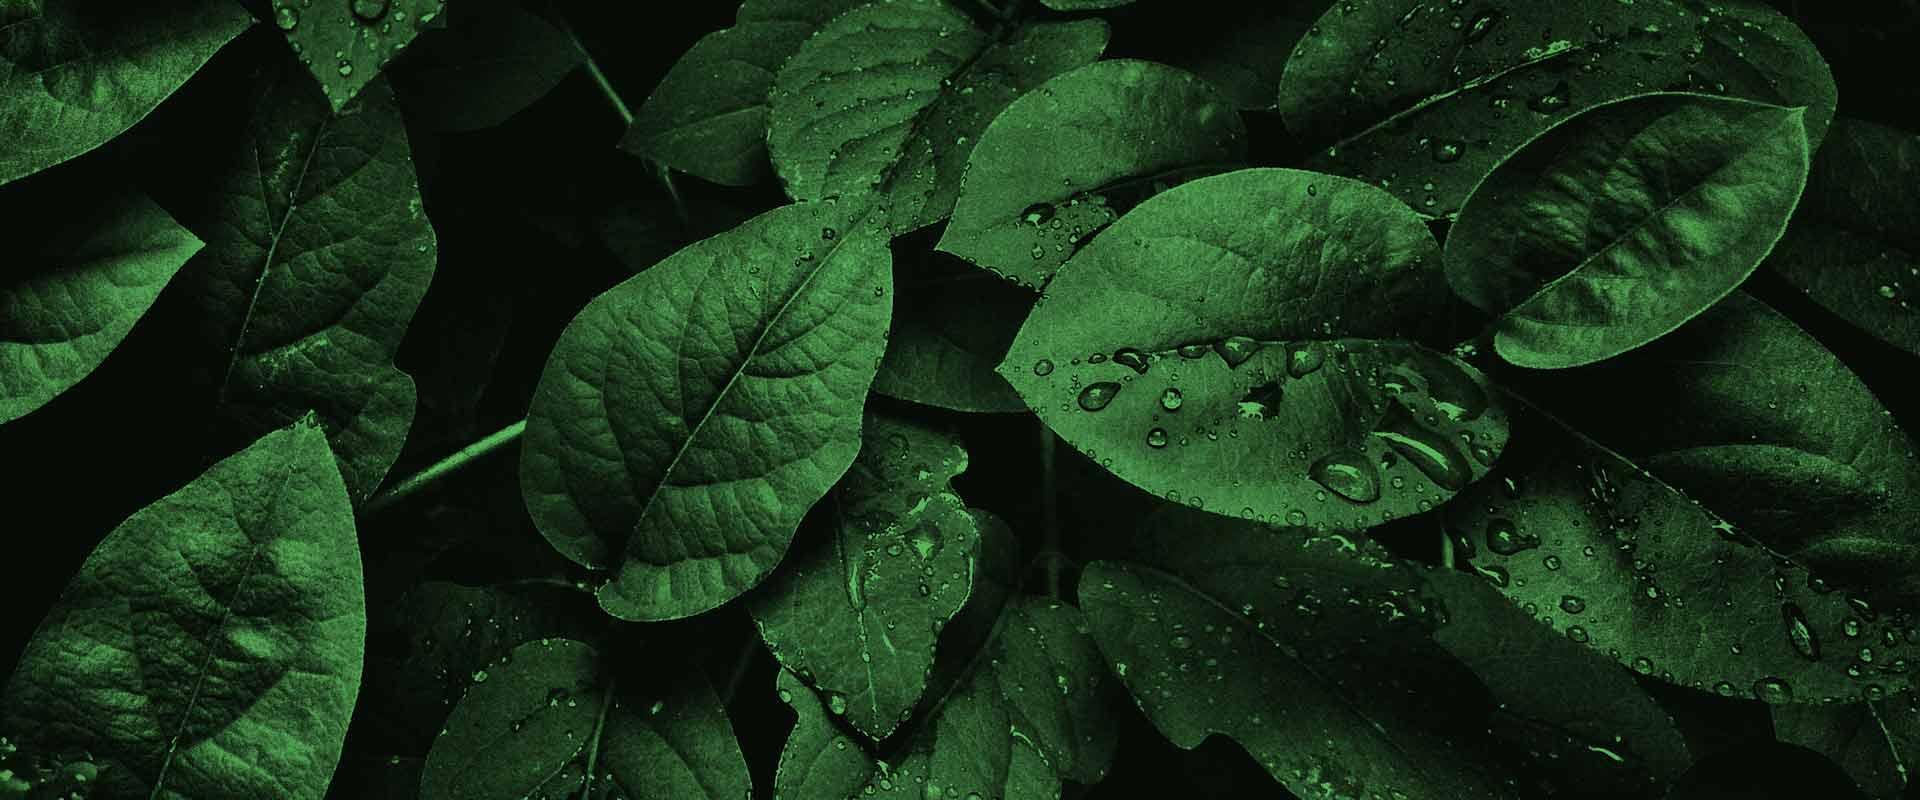 leaves-texture-bg